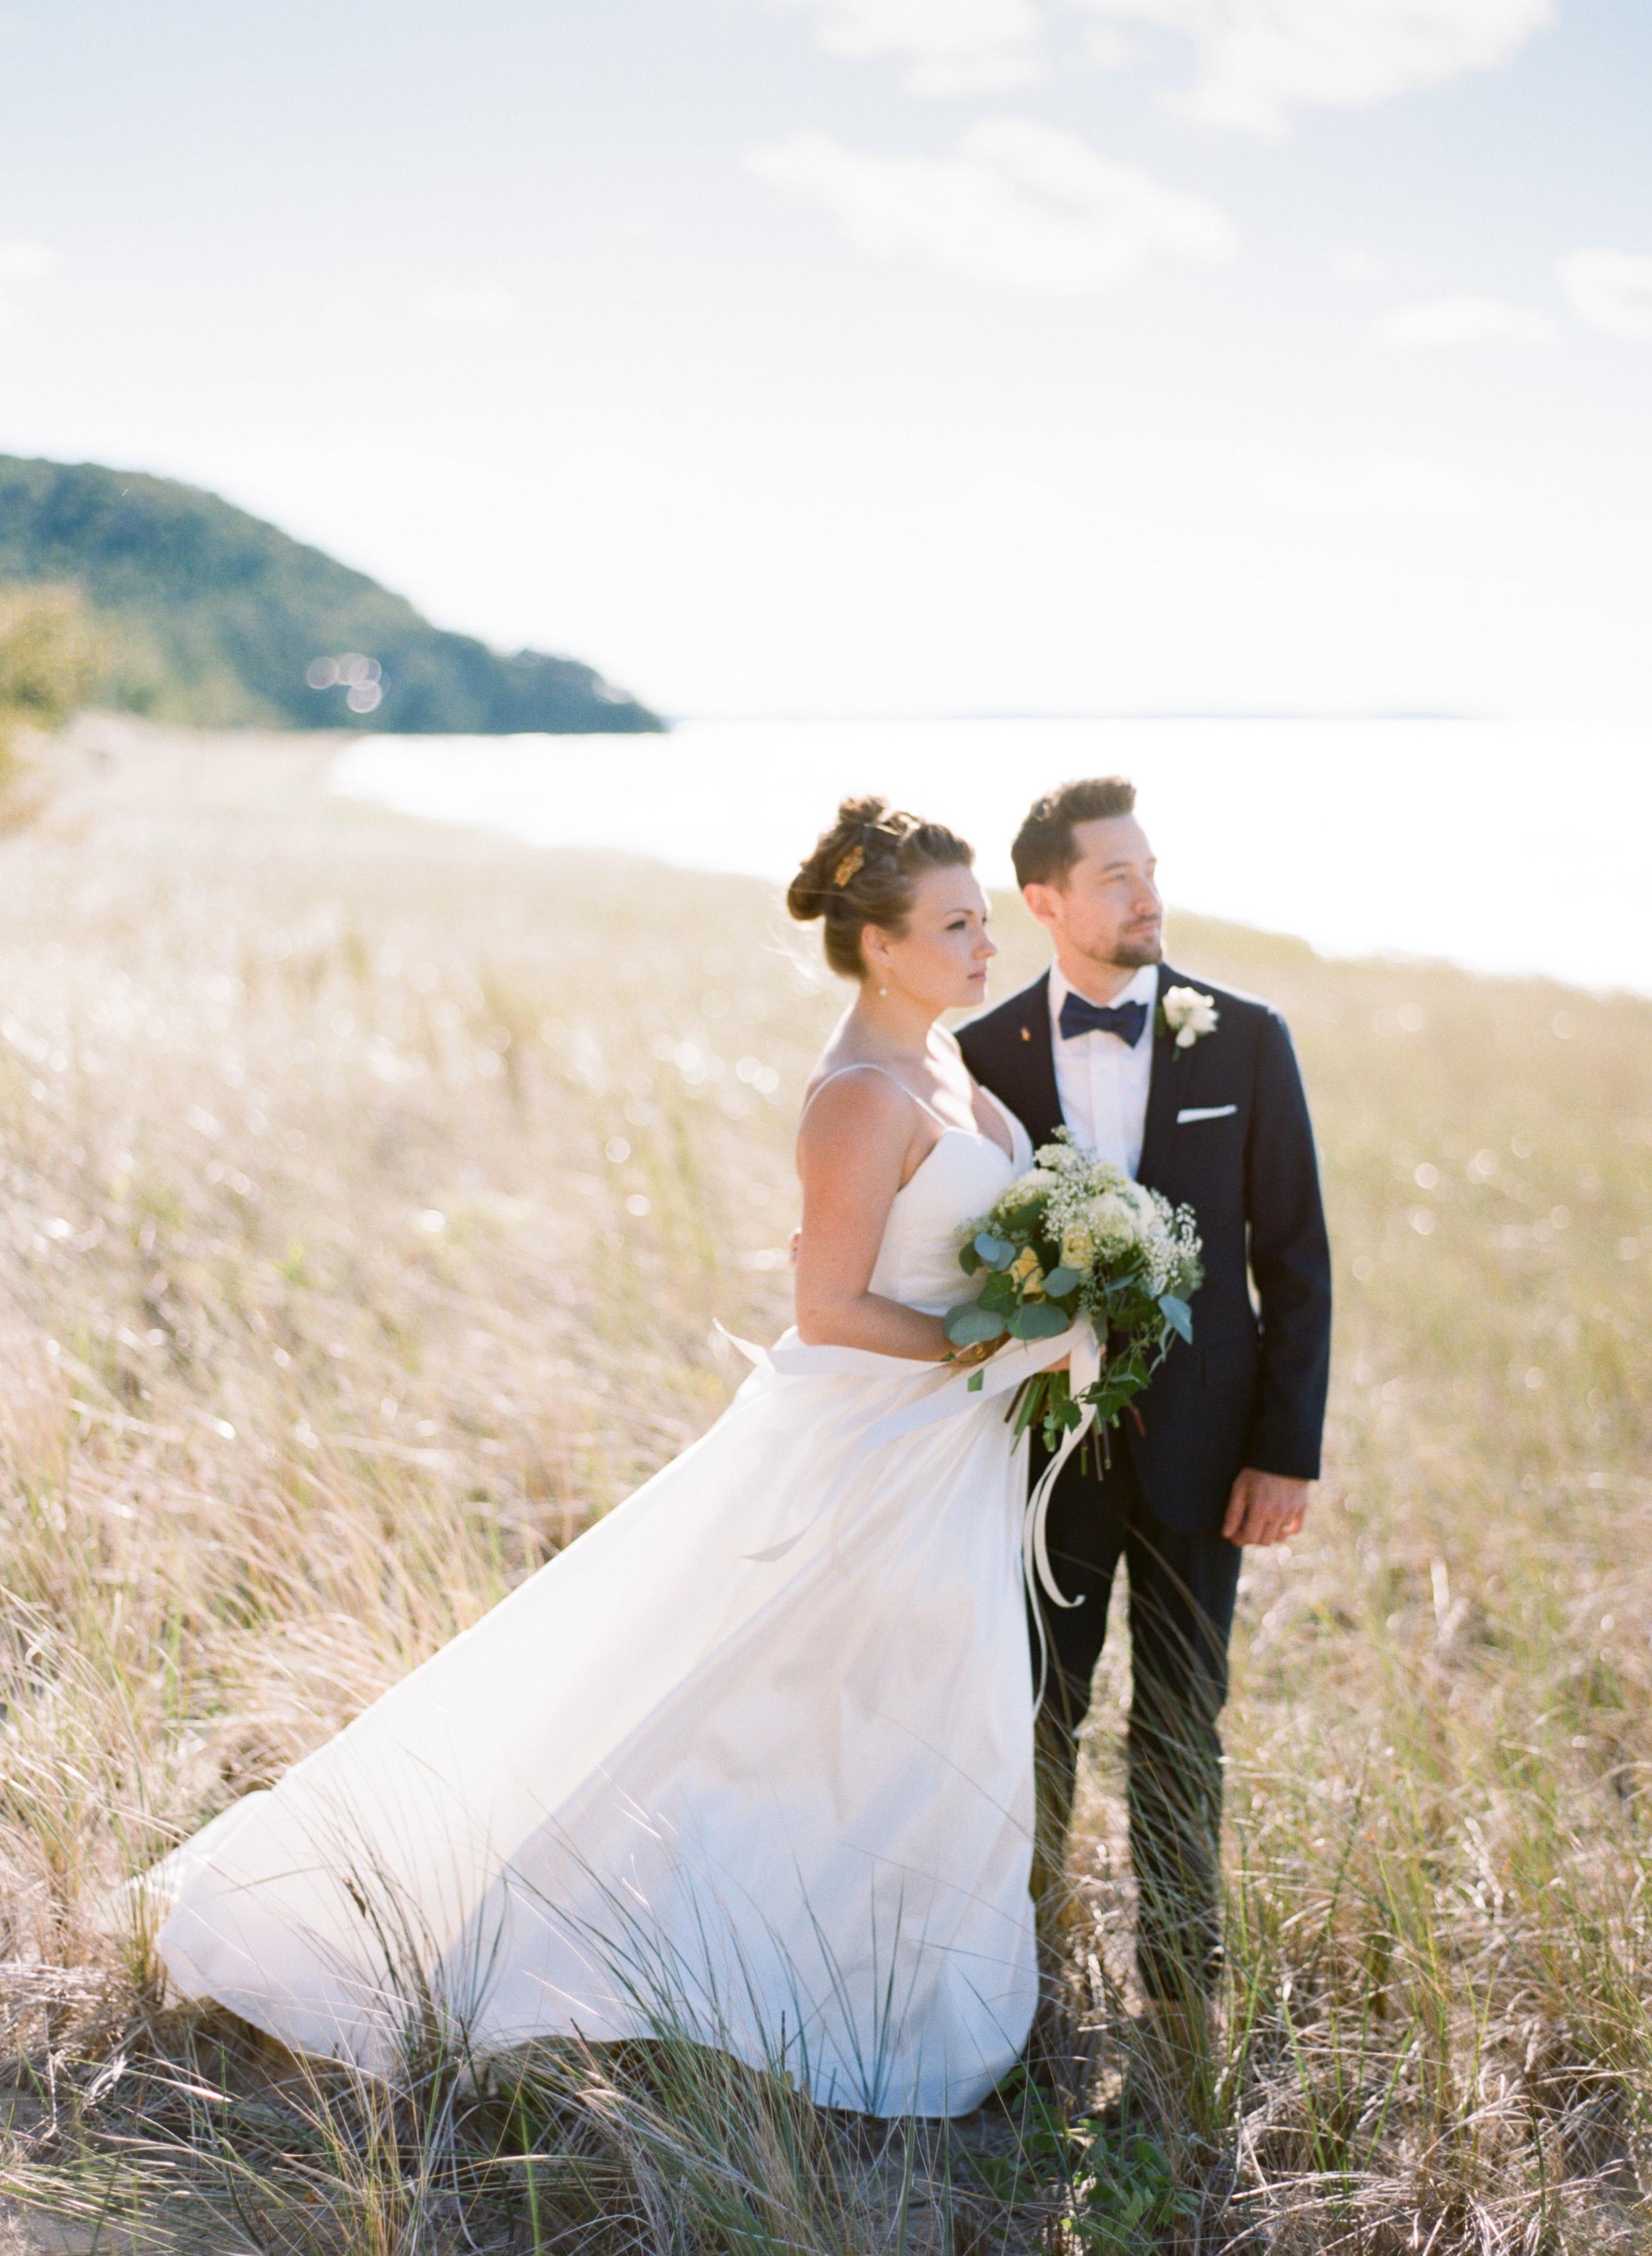 Mary & Eric | Leland, MI